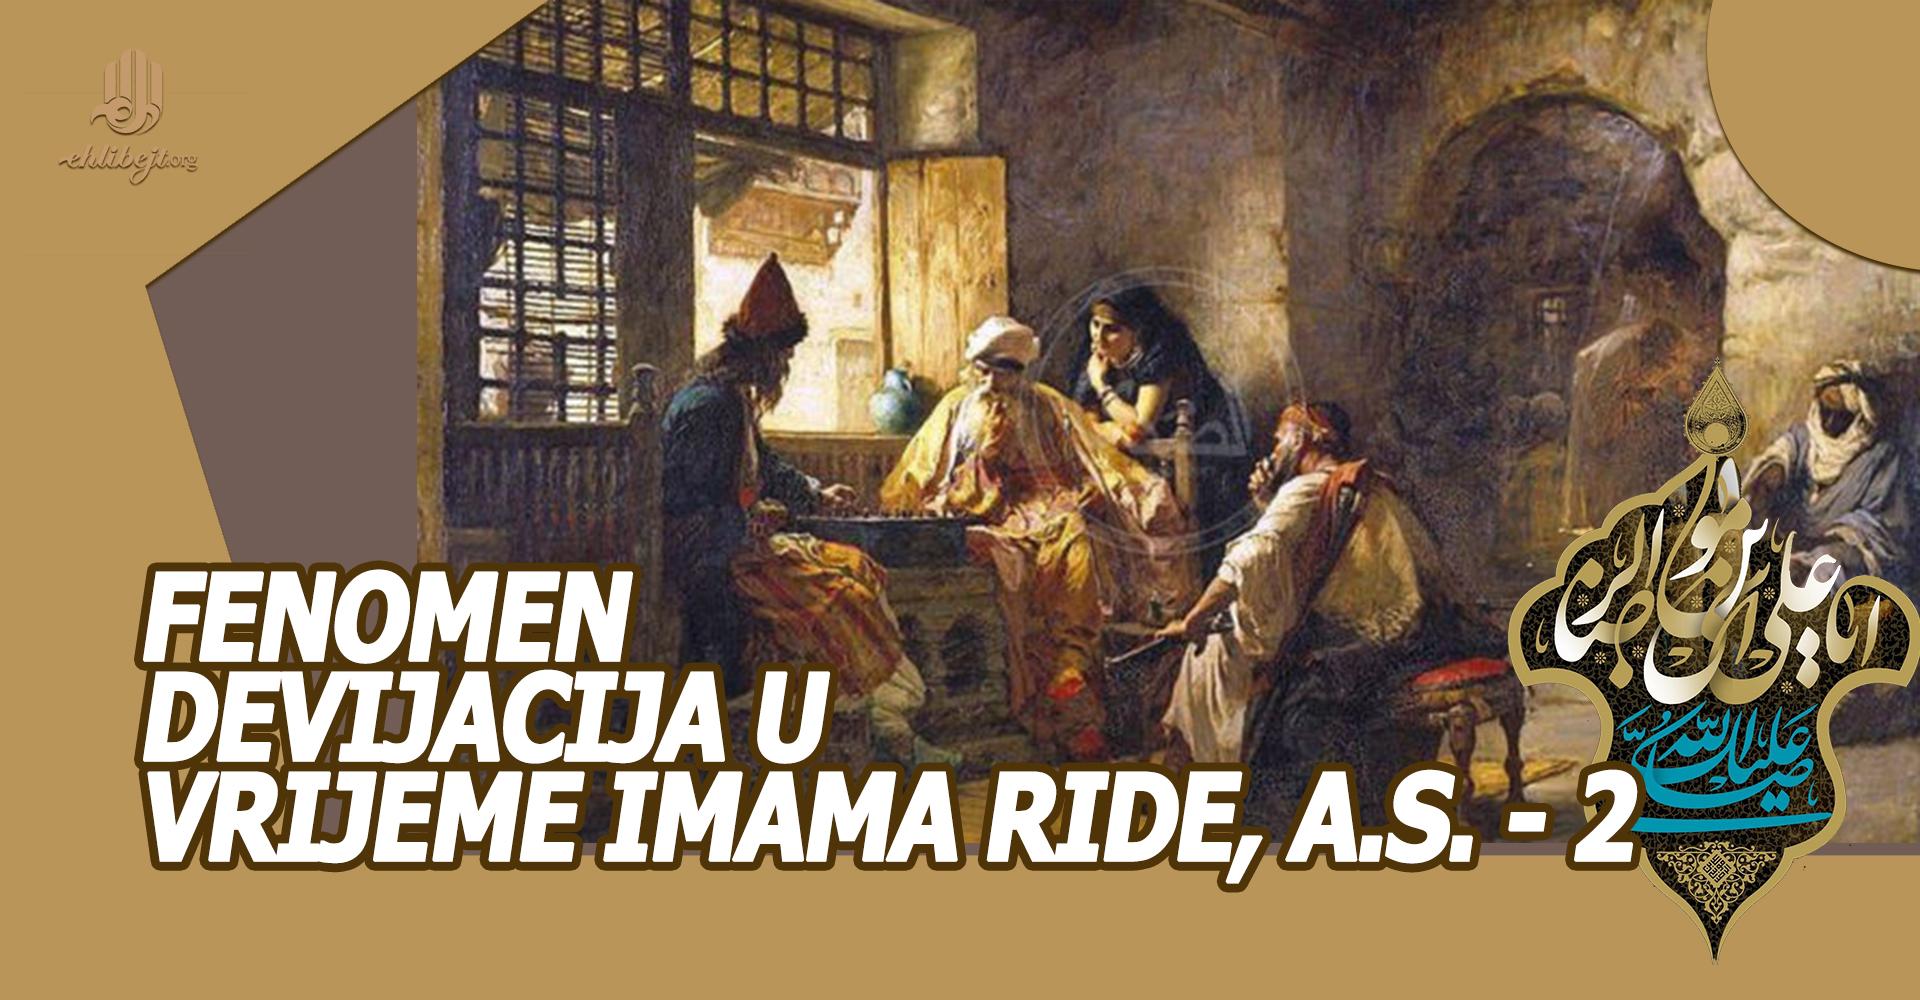 Fenomen devijacija u vrijeme Imama Ride, a.s. - 2